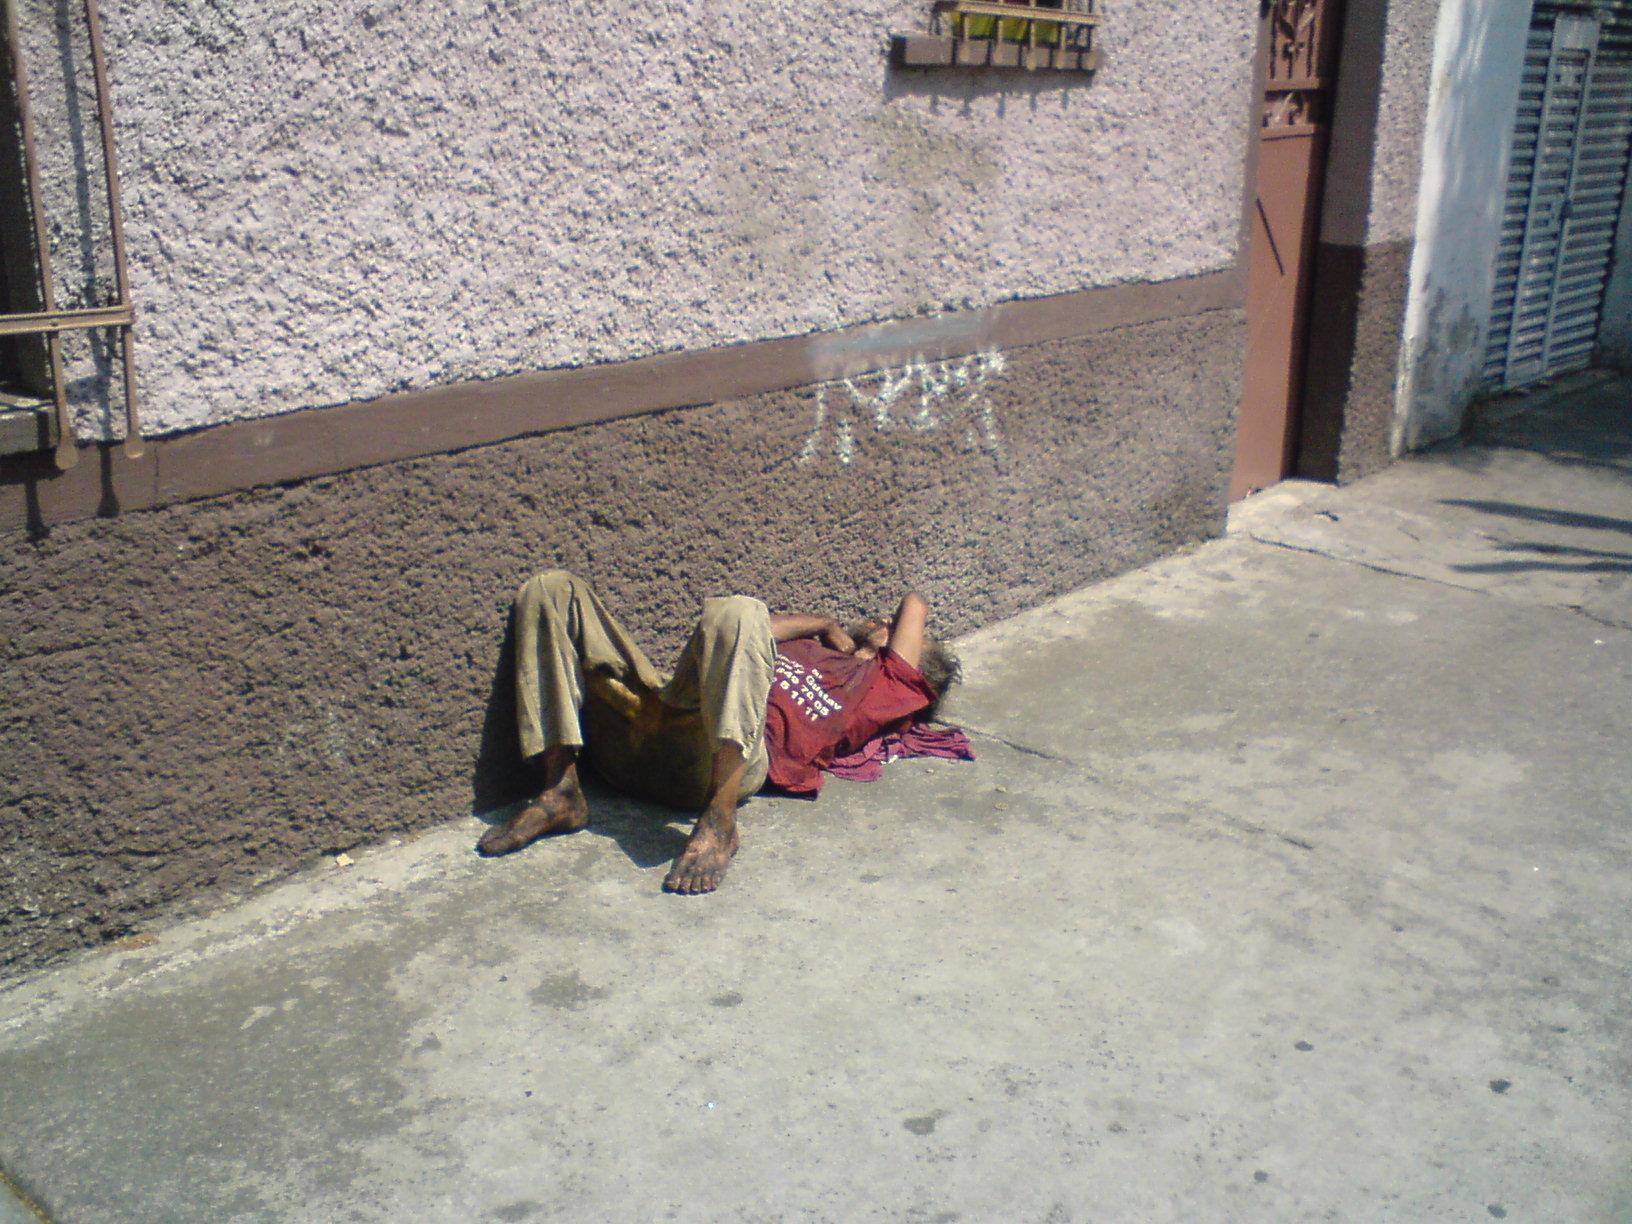 Chakal durimendo la peda cerca de Tlalpan